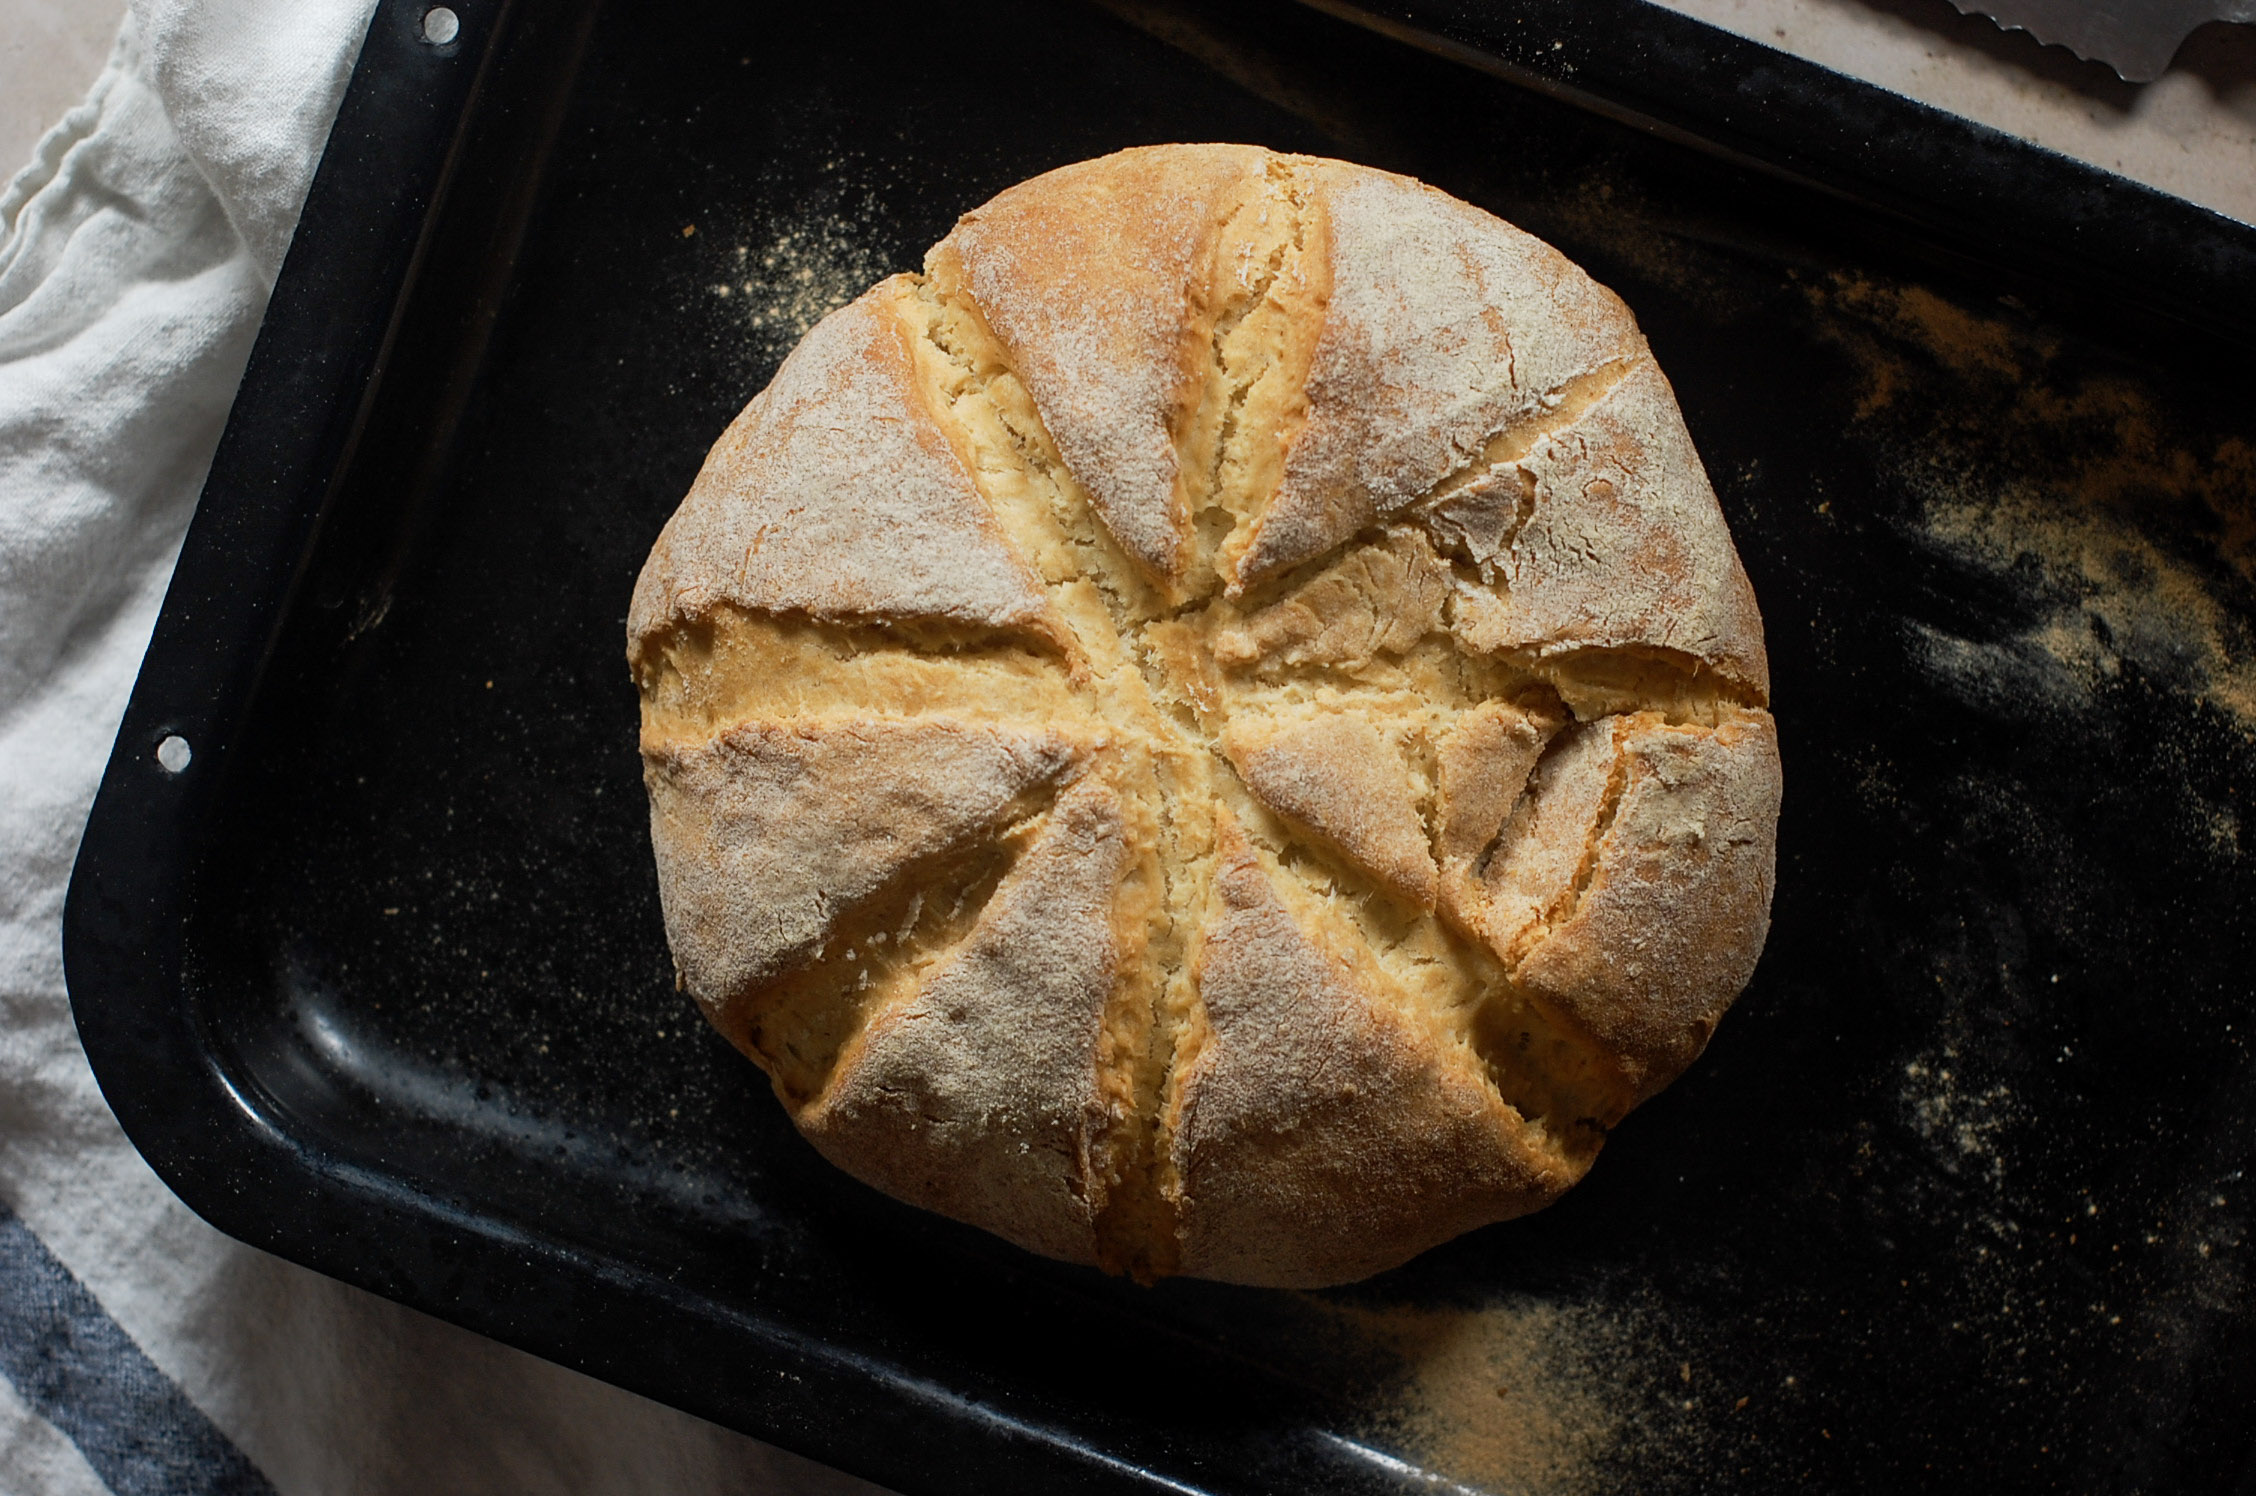 Damper Bread (Australian Soda Bread)